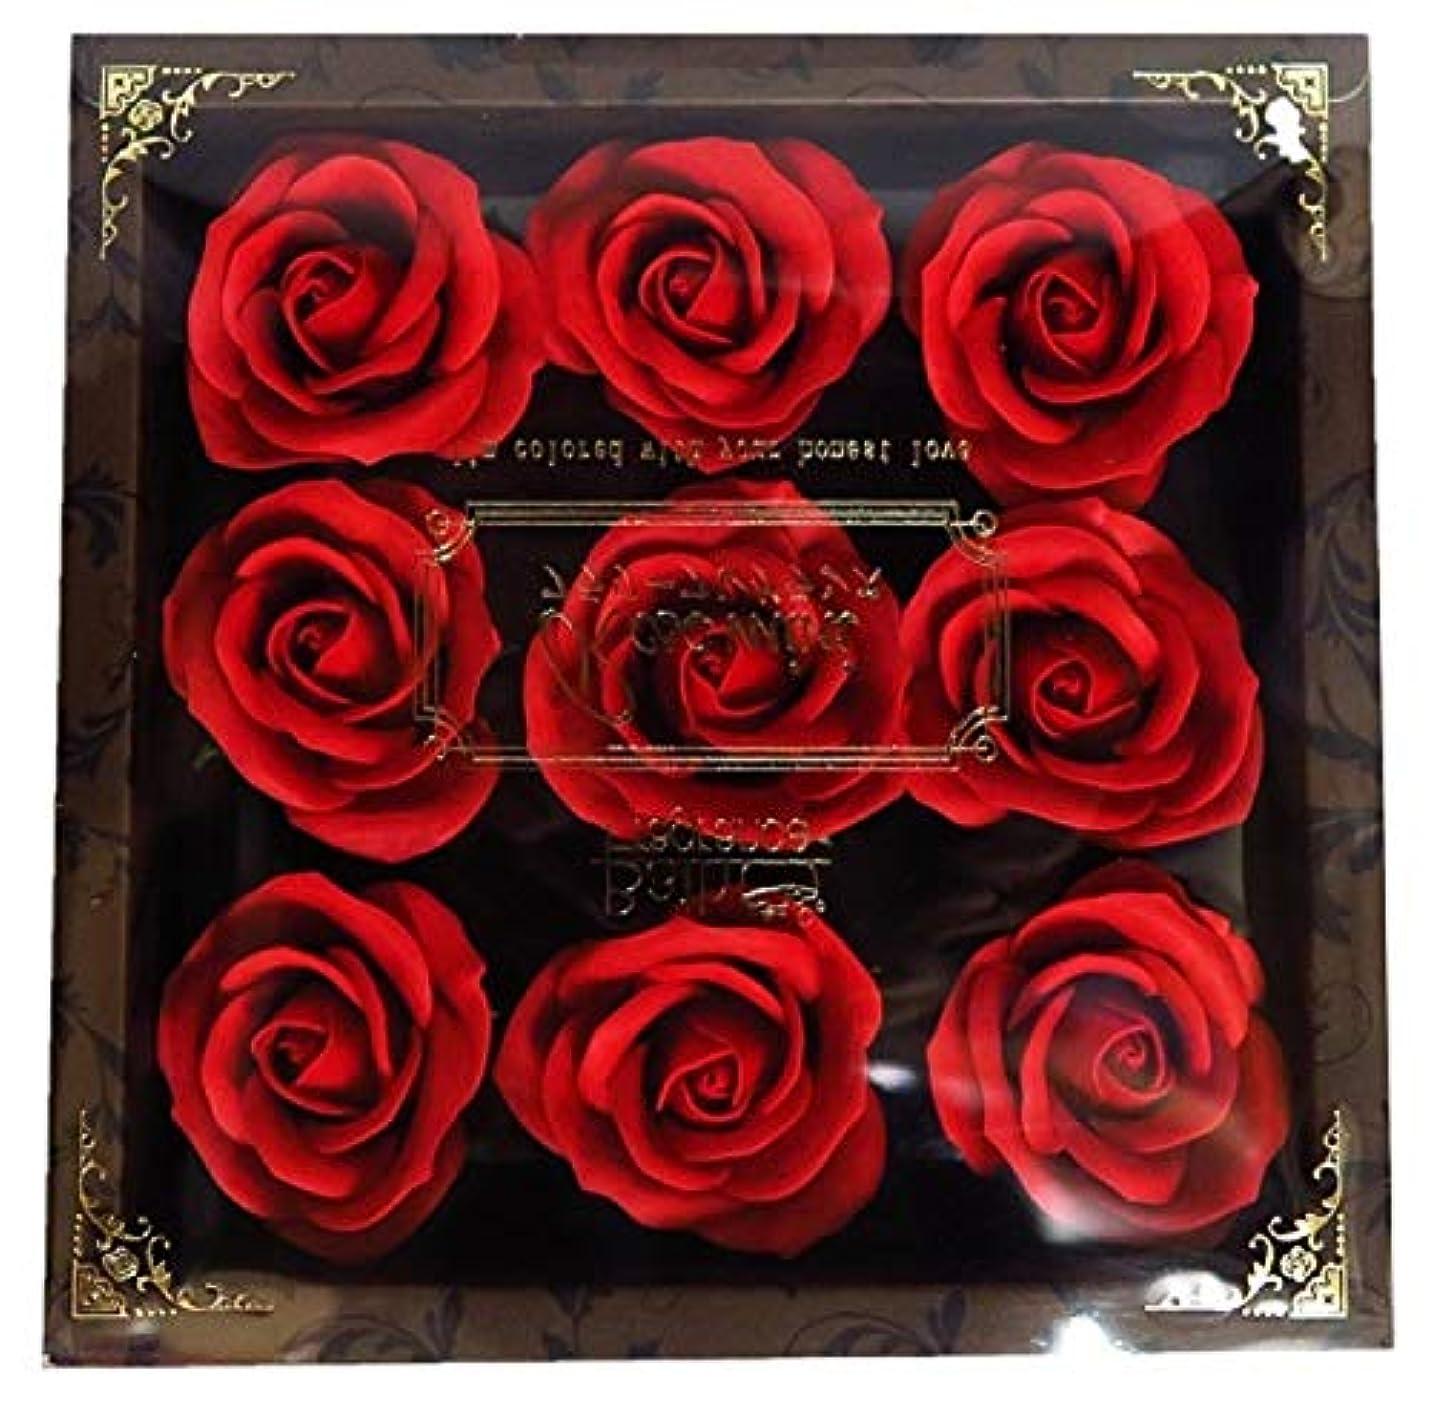 非武装化熟読する冷酷なバスフレグランス フラワーフレグランス ミニローズフレグランス(L)レッド ギフト お花の形の入浴剤 プレゼント ばら